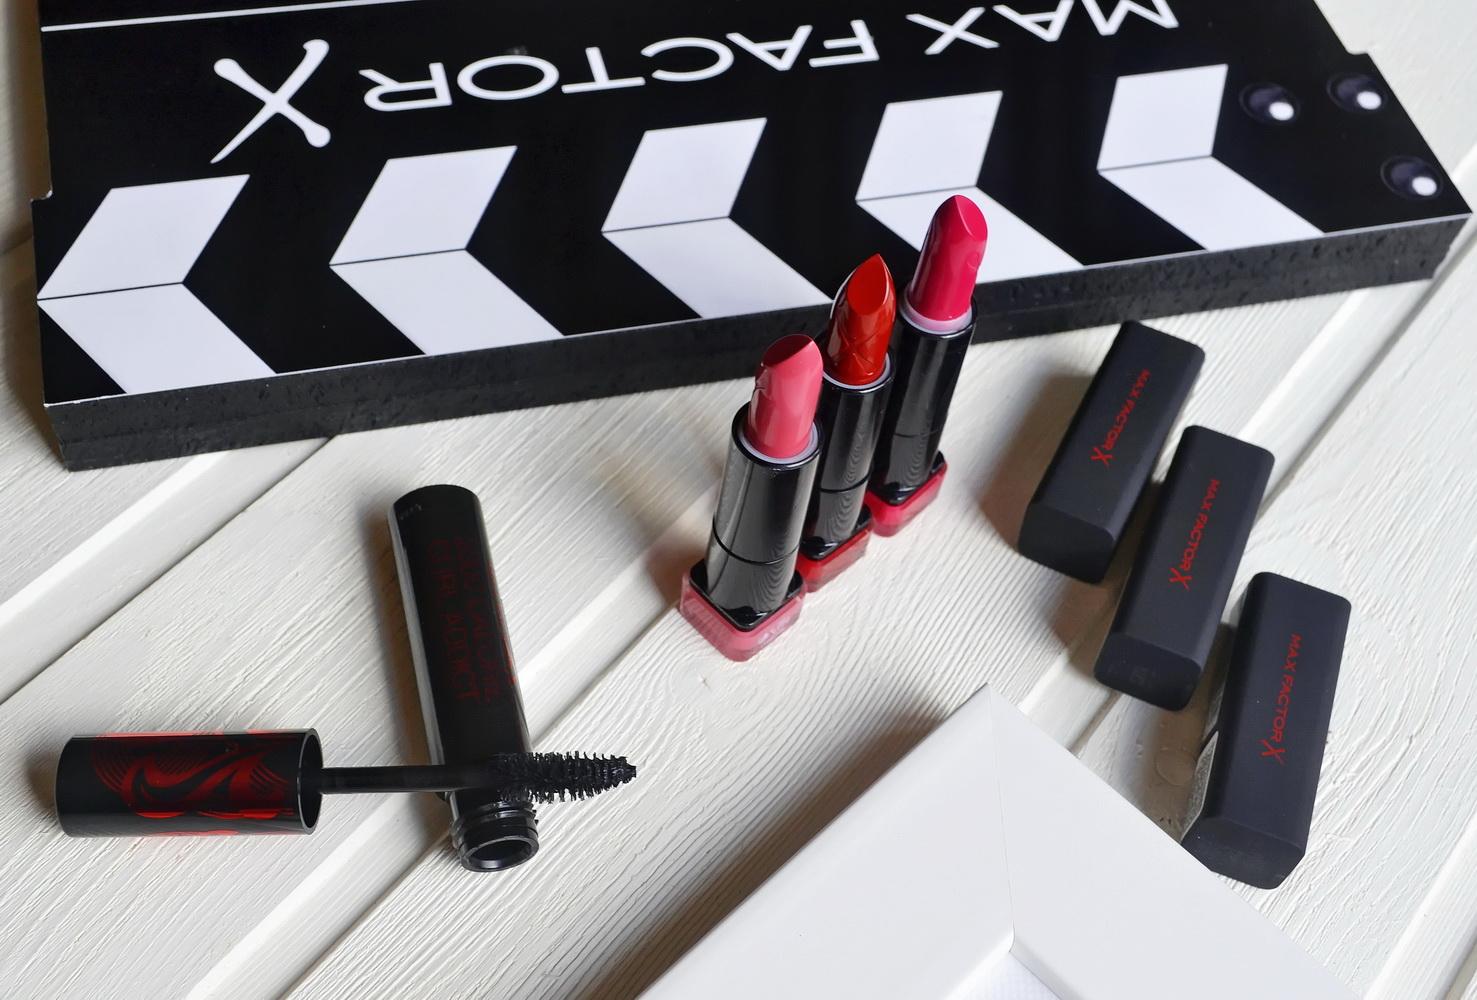 Max Factor на кинотавре 2017: звездный макияж с бестселлерами бренда - тушью 2000 Calorie Сurl Addict и коллекцией помад Velvet Маttеs